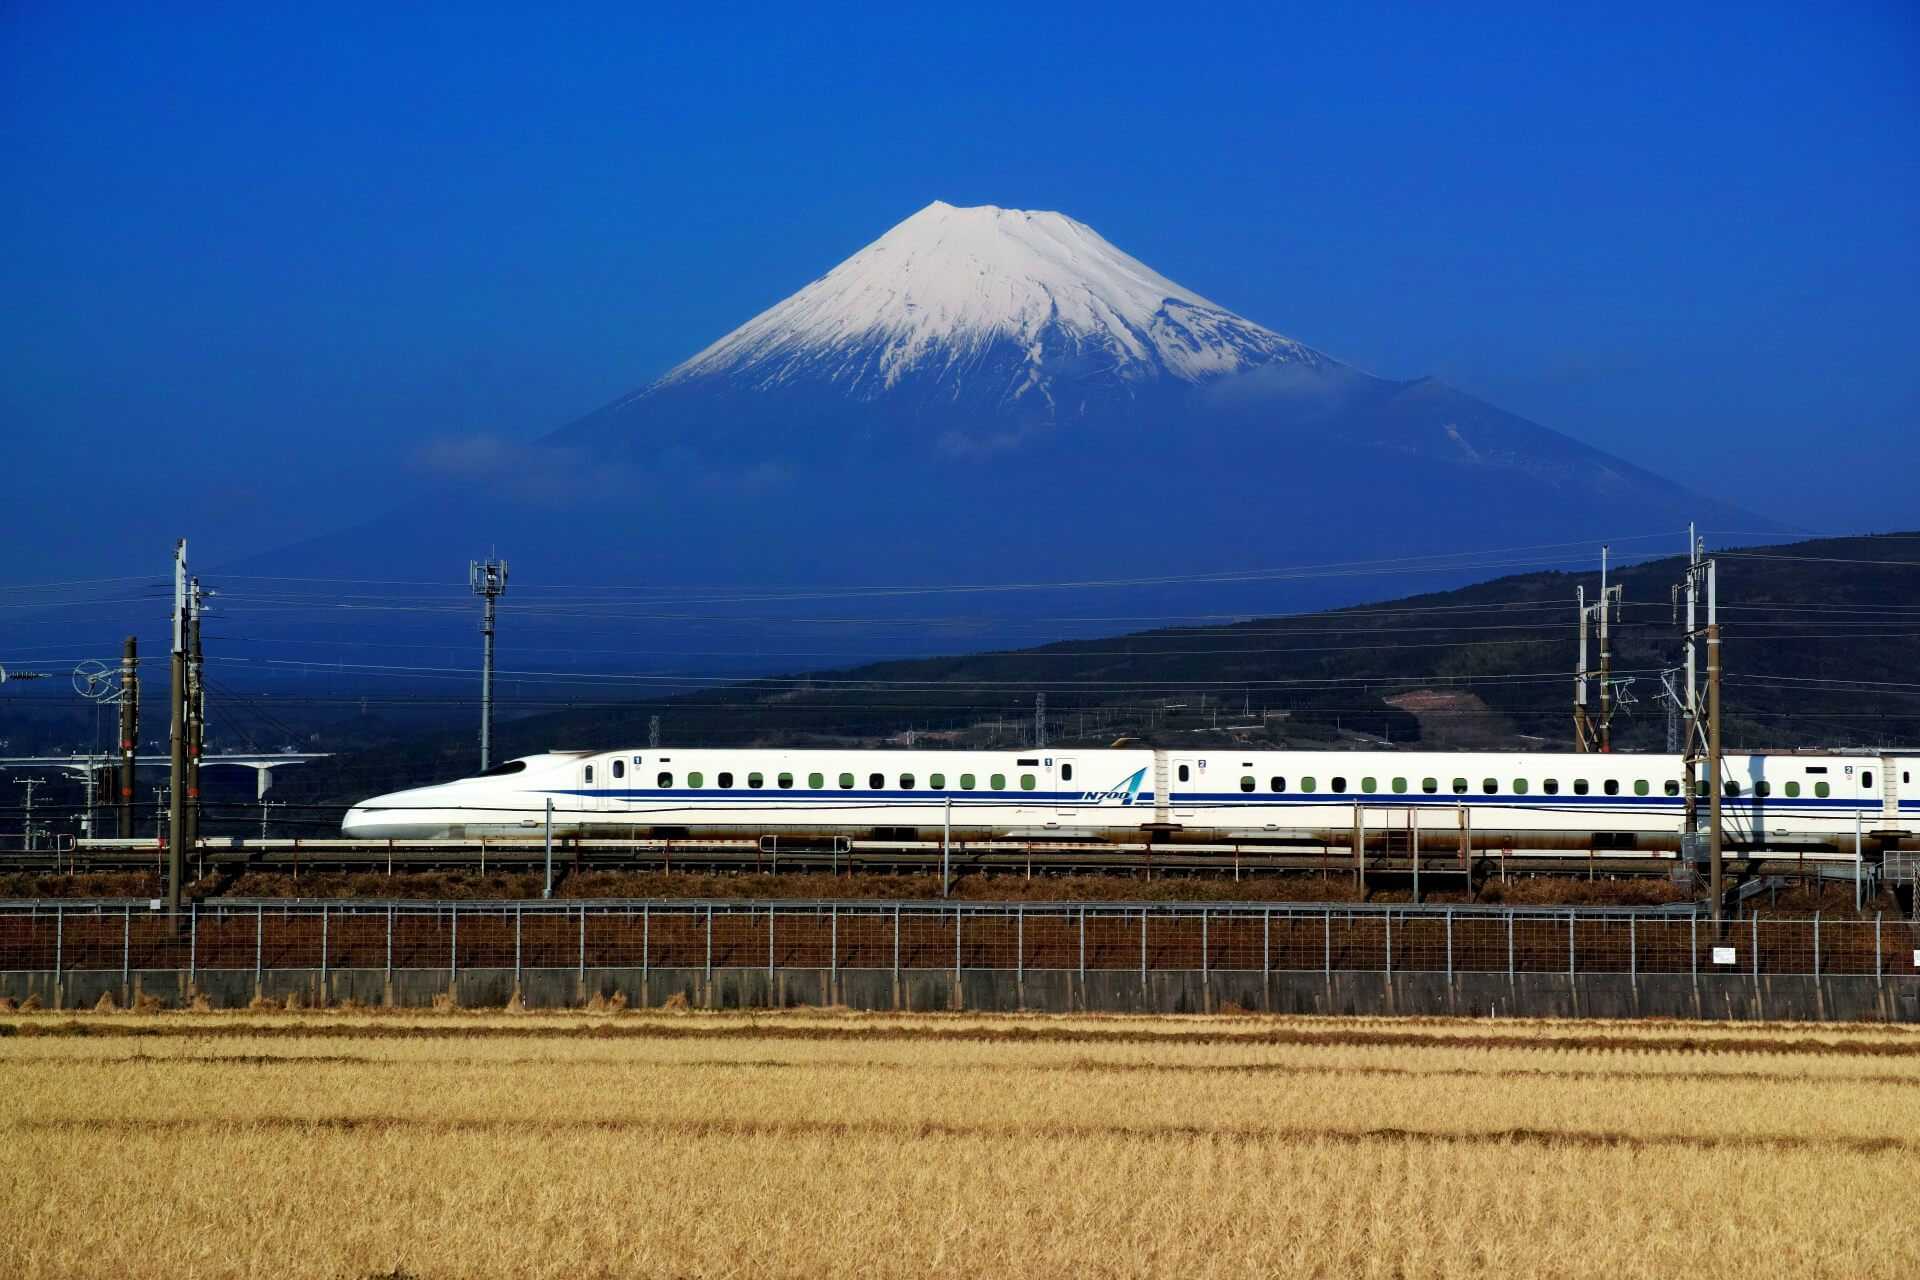 tokaido-shinkansen-fuji